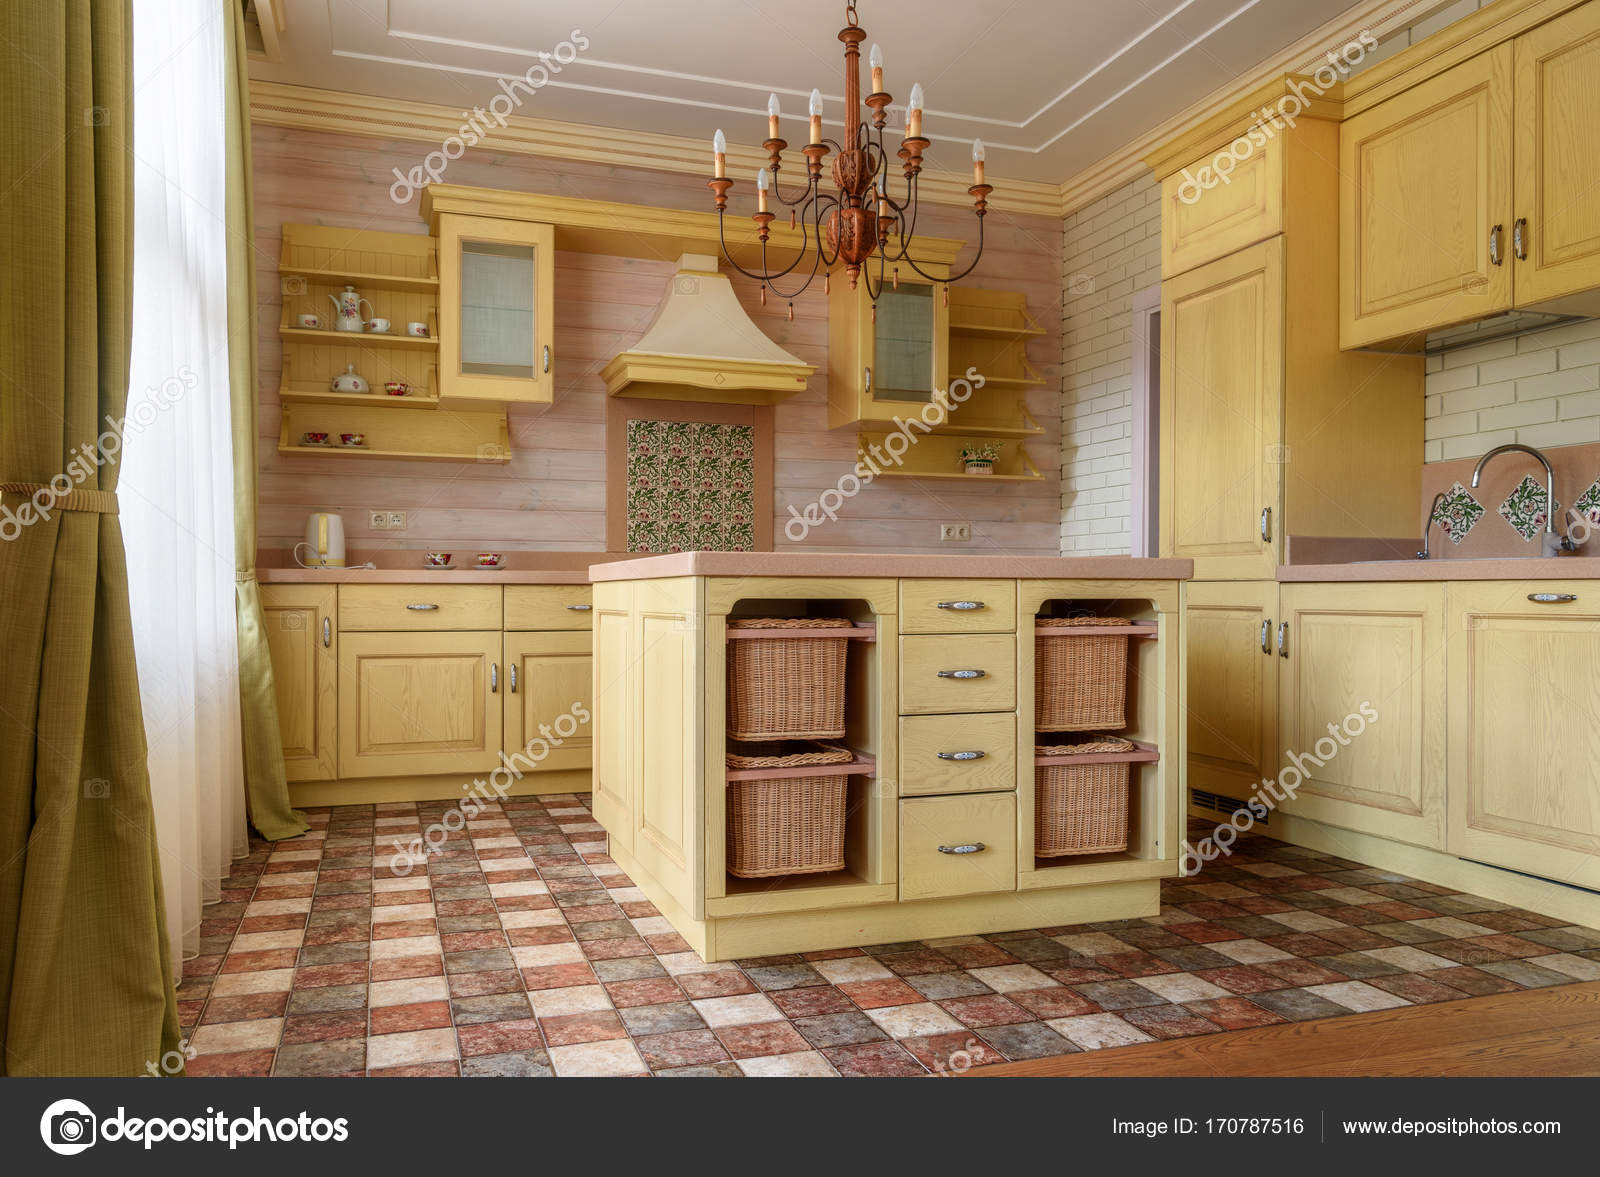 cuisine dans maison de campagne — Photographie VitalikRadko © #170787516